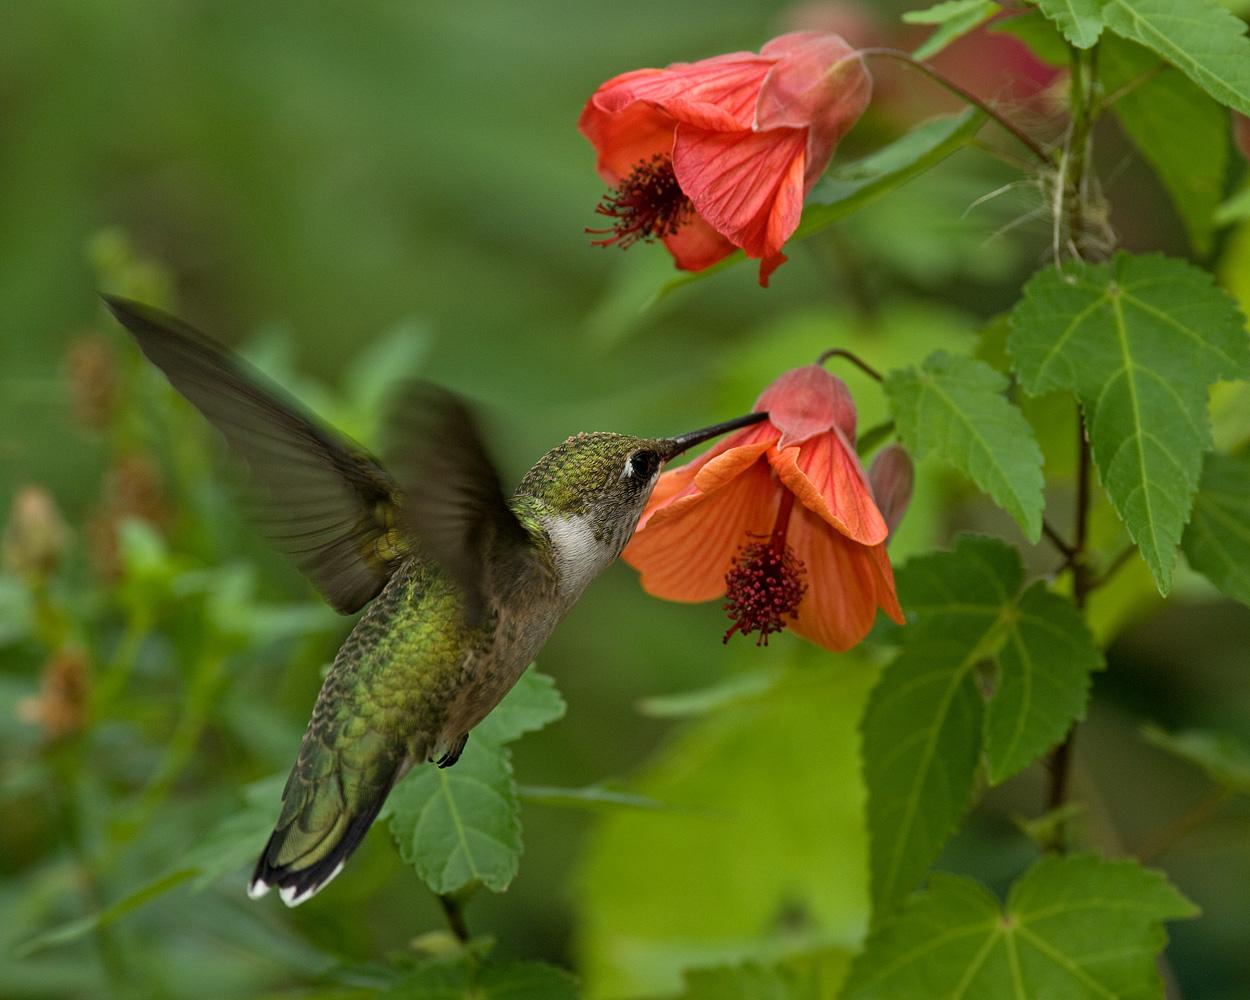 crie jardim como atrair beija flores para o jardim. Black Bedroom Furniture Sets. Home Design Ideas